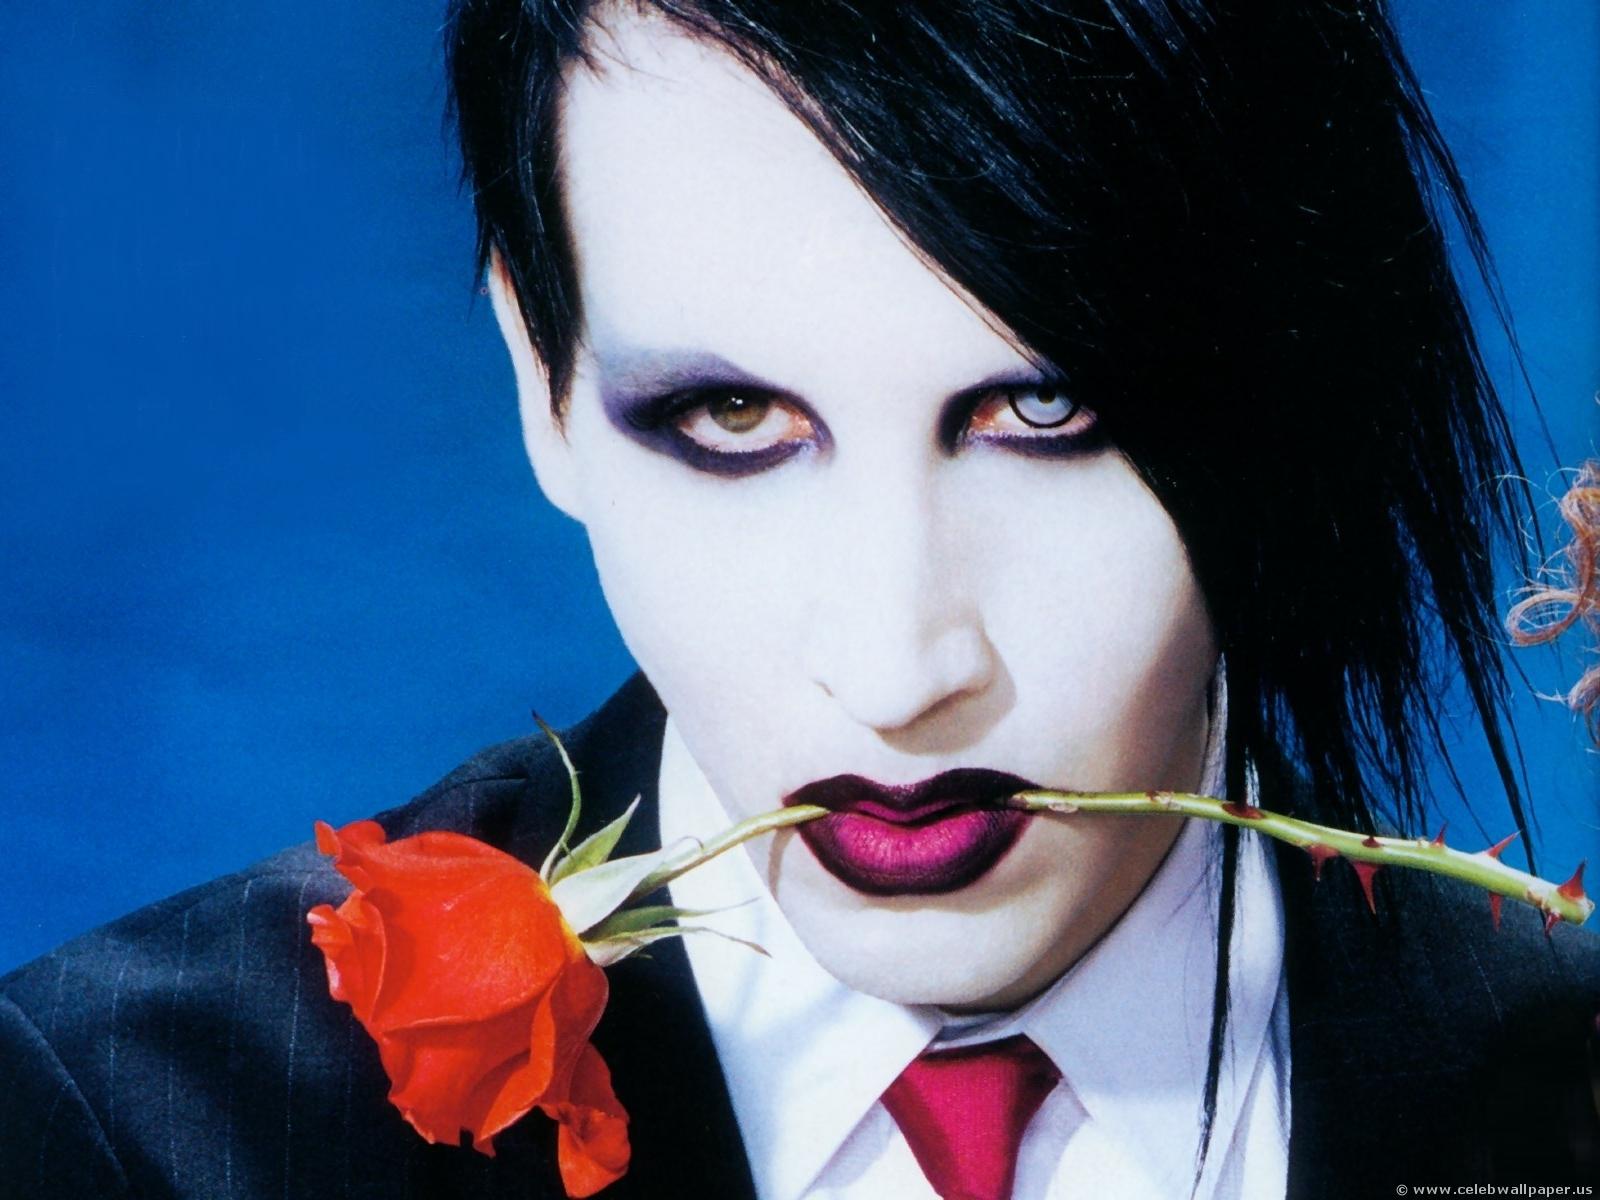 Marilyn-Manson-